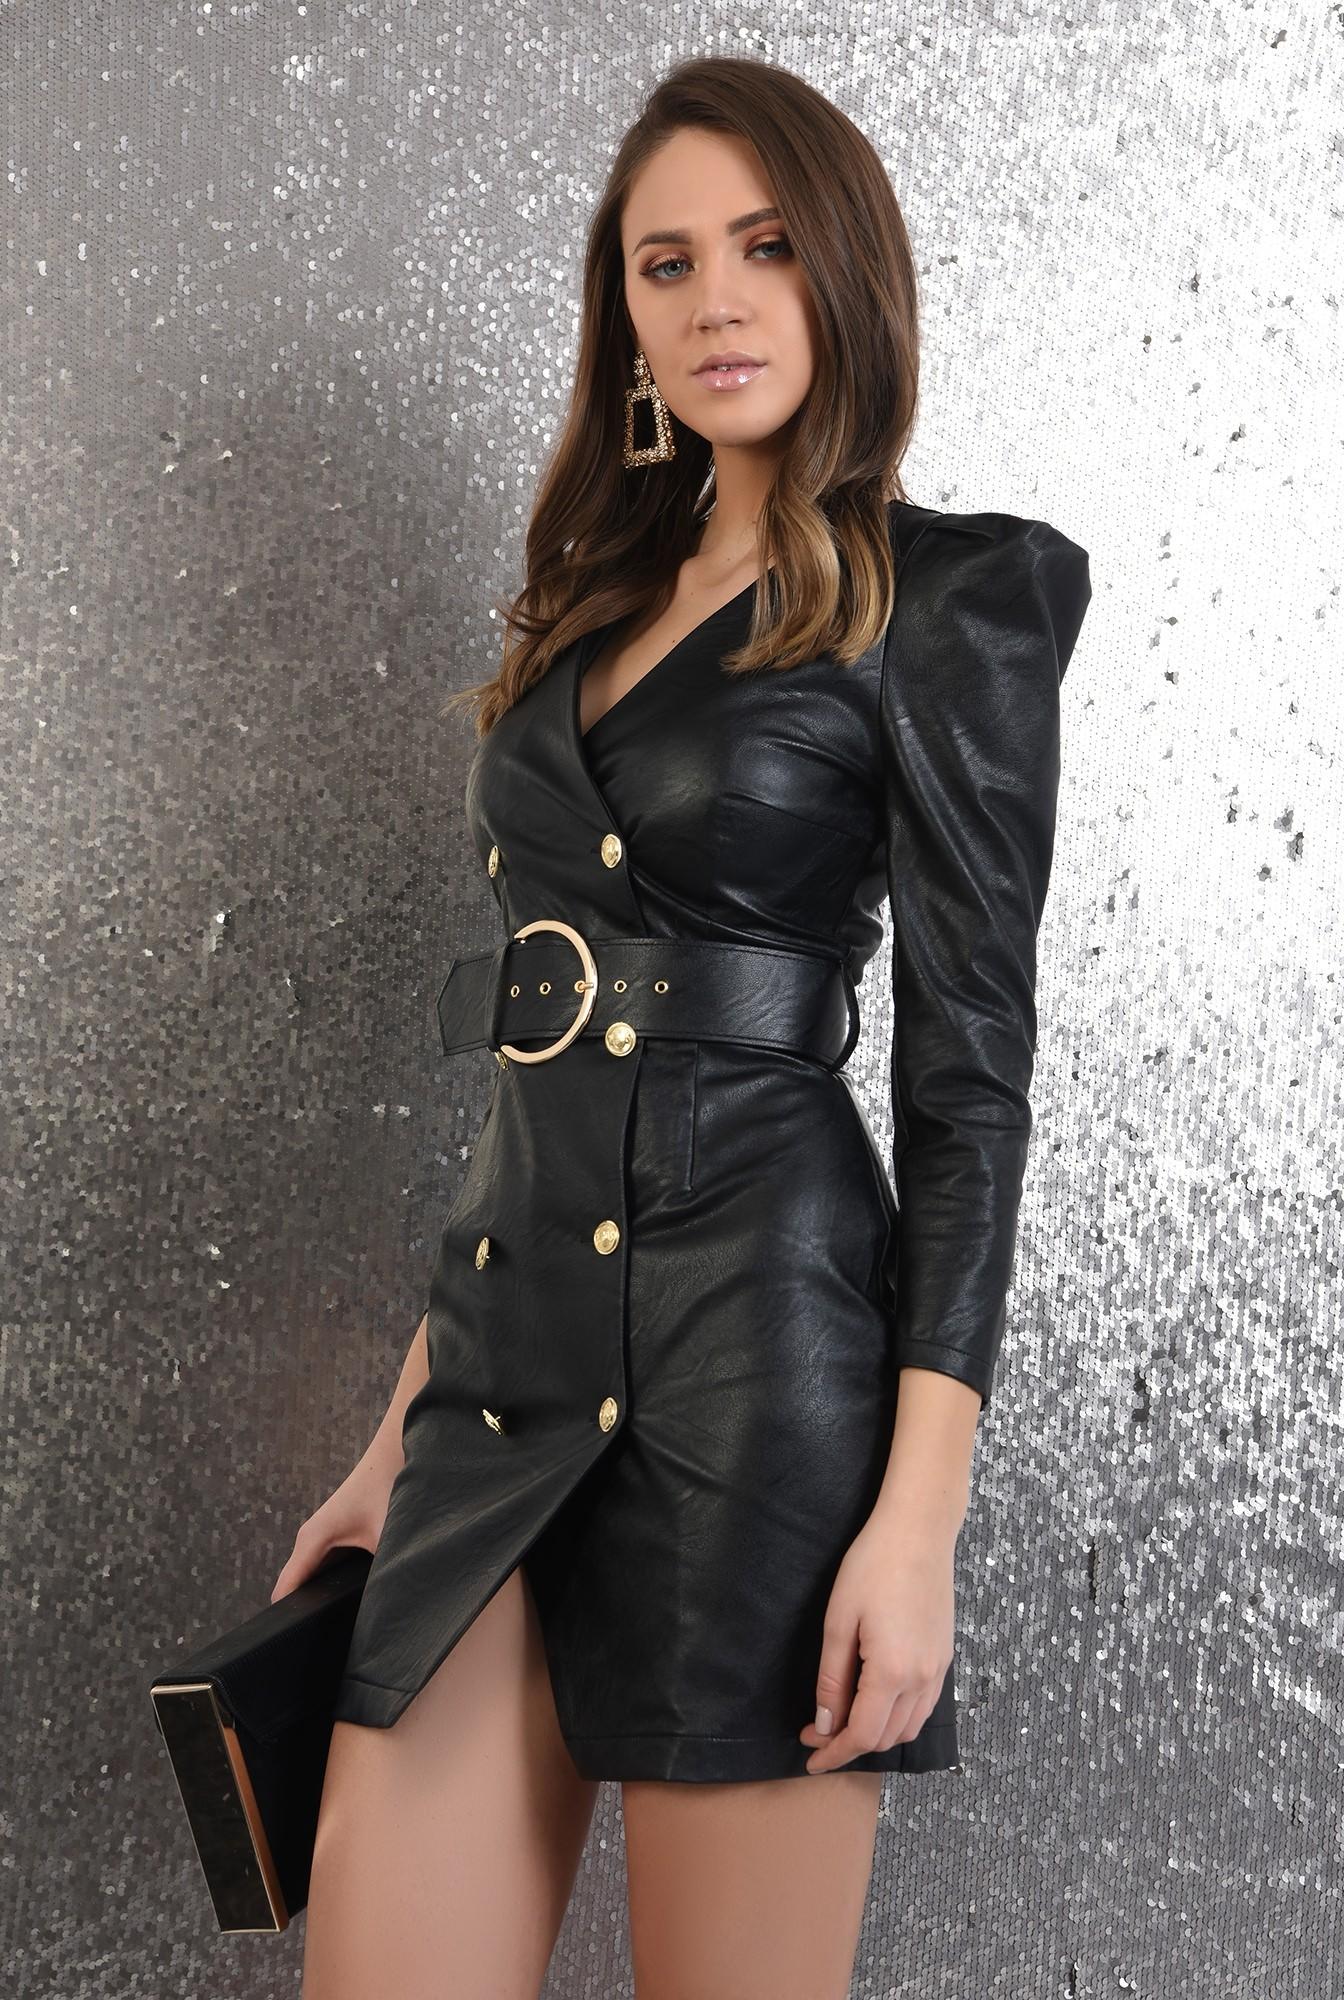 0 - rochie neagra, scurta, cambrata, piele, cu centura